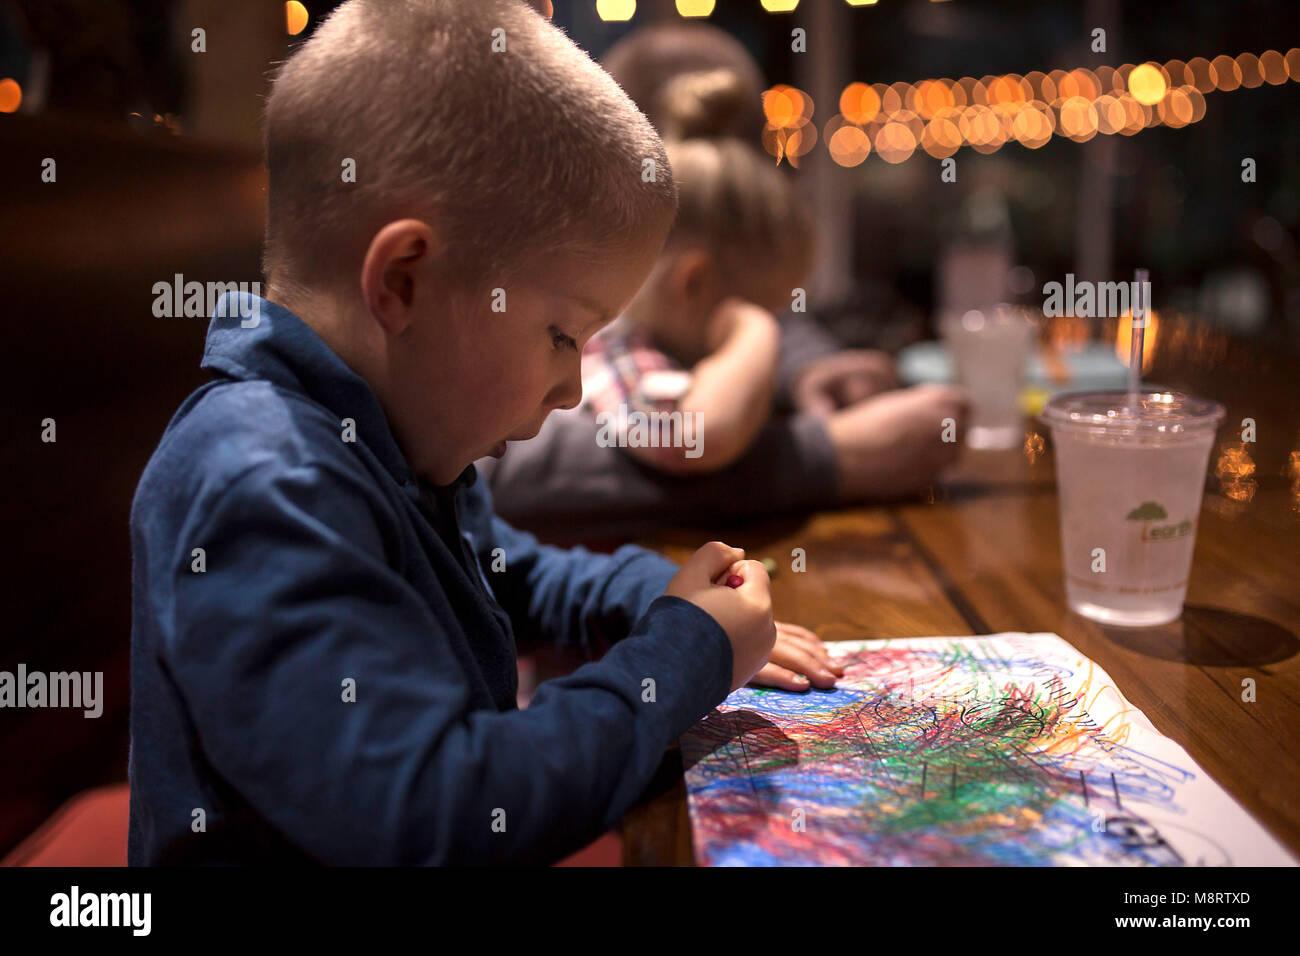 Vista laterale del ragazzo la colorazione su carta al tavolo da pranzo in ristorante Immagini Stock